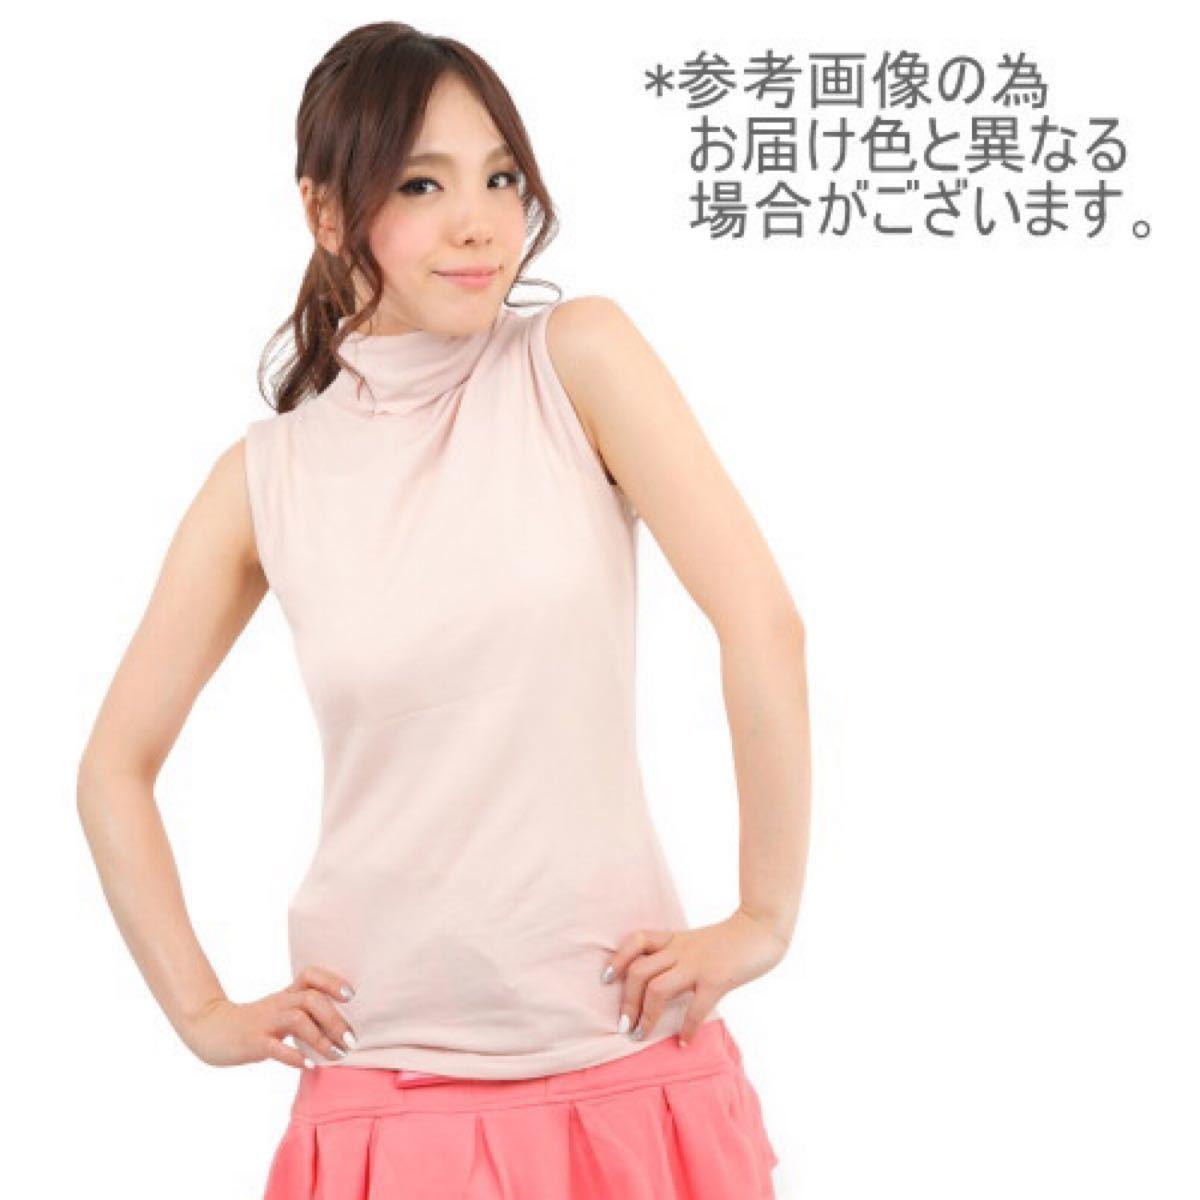 ノースリーブ【3Lサイズ】ラベンダー★UVカットハイネックカットソー